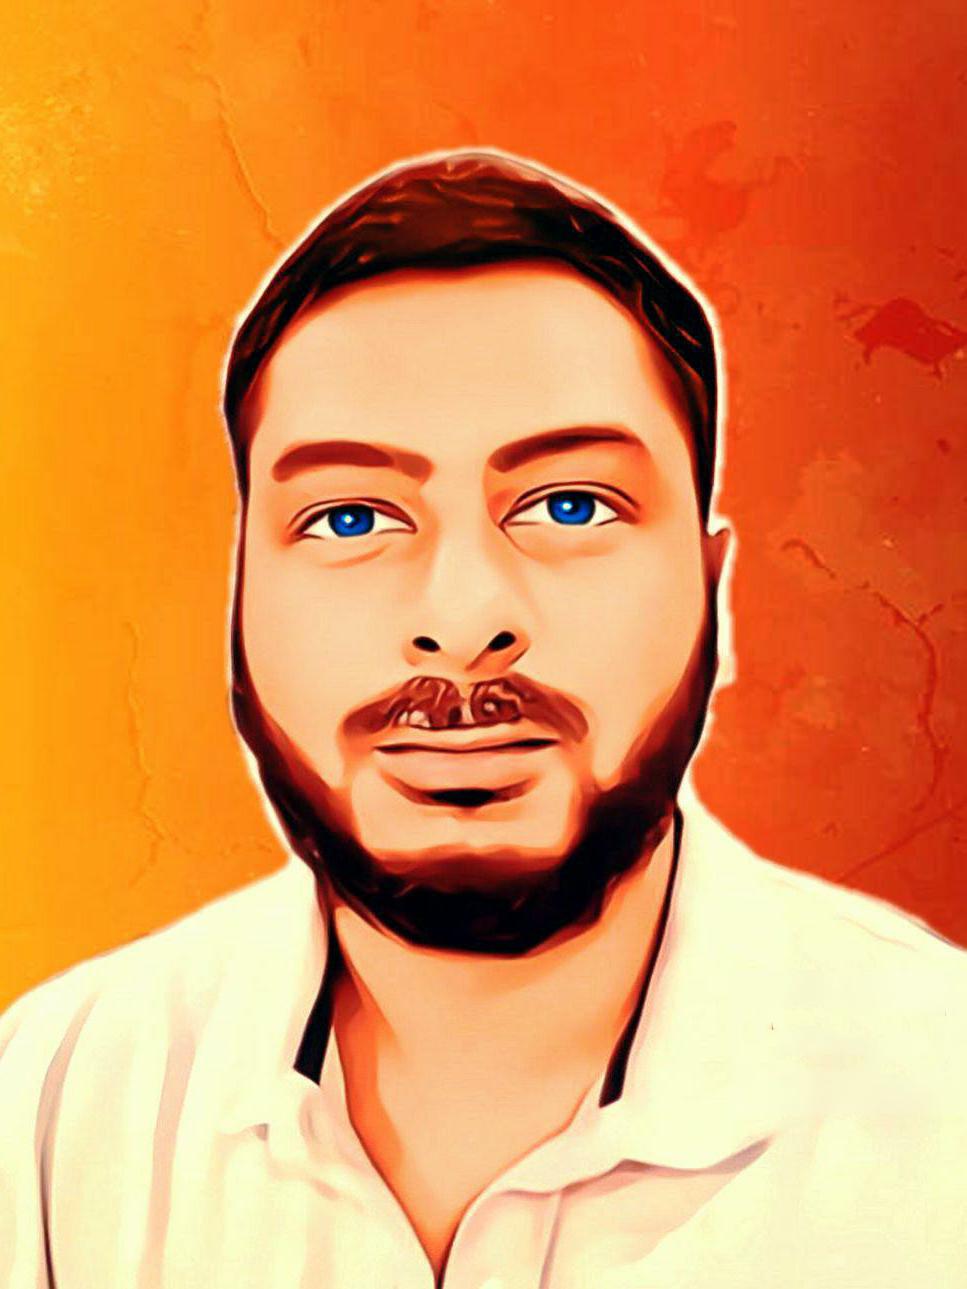 shuaib's blog